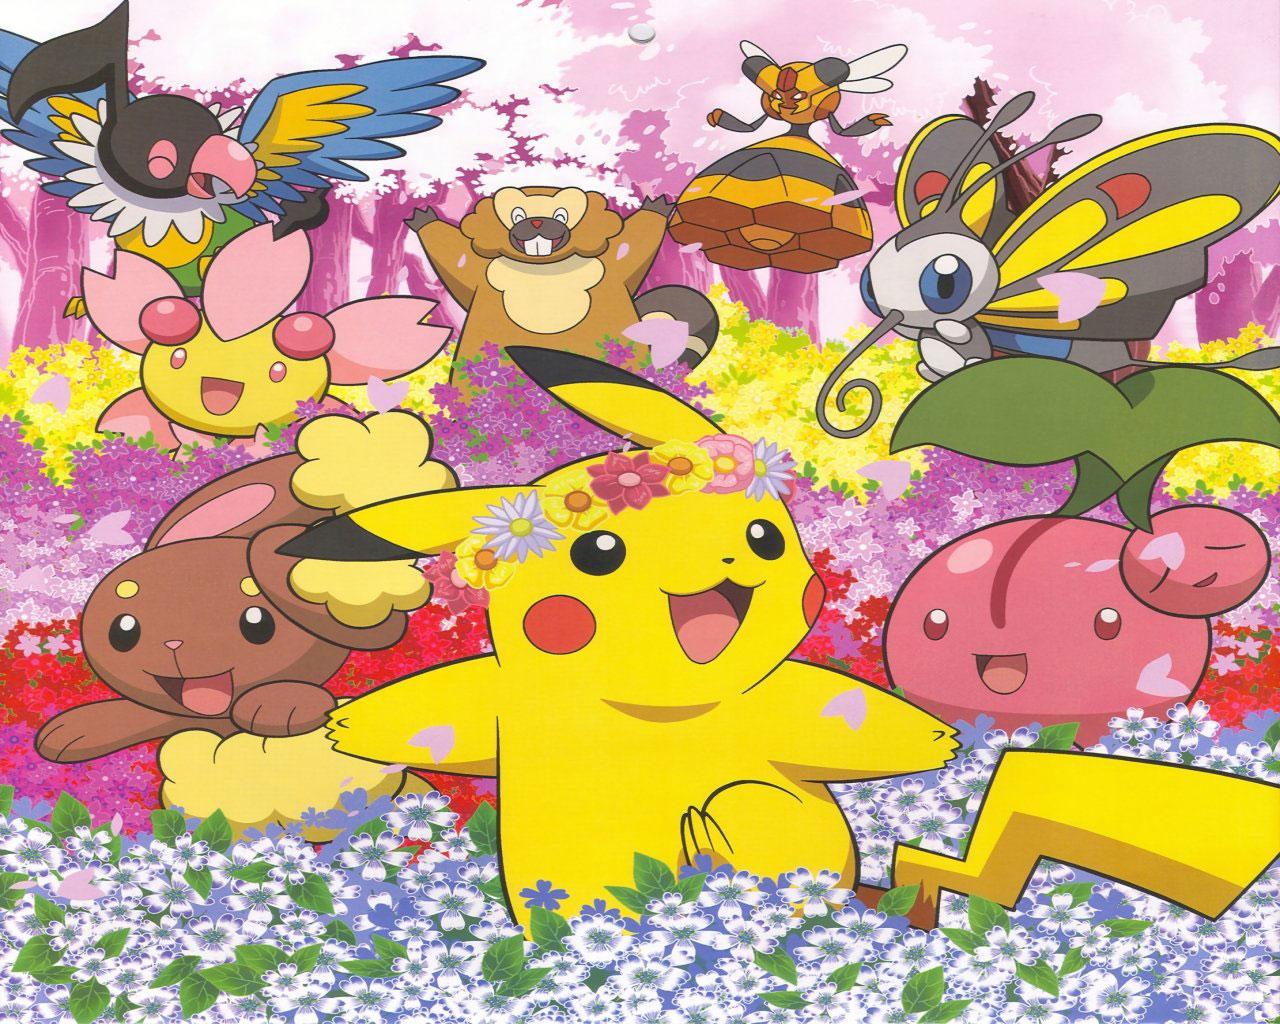 http://2.bp.blogspot.com/-rPgrcsevQEQ/TVfTUmNChJI/AAAAAAAAAuk/sy3btv-xODE/s1600/PokemonWallpaper167.jpg